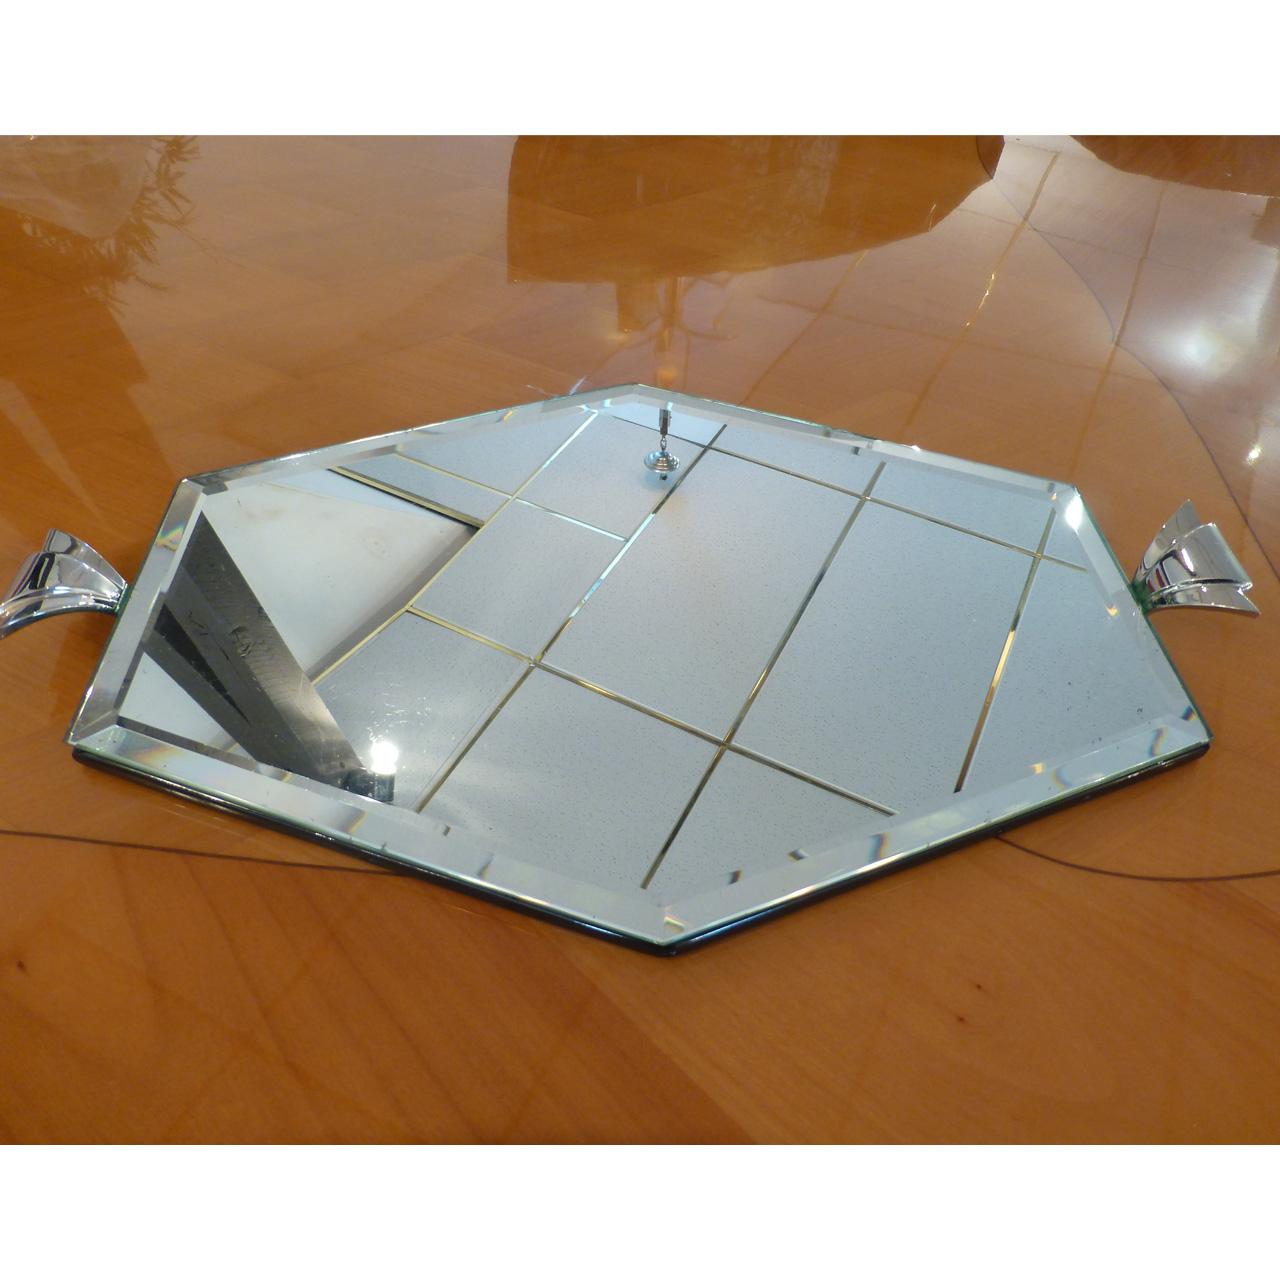 0048 Art Deco Spiegeltablett mit Facettenschliff, original mit leichten Gebrauchsspuren